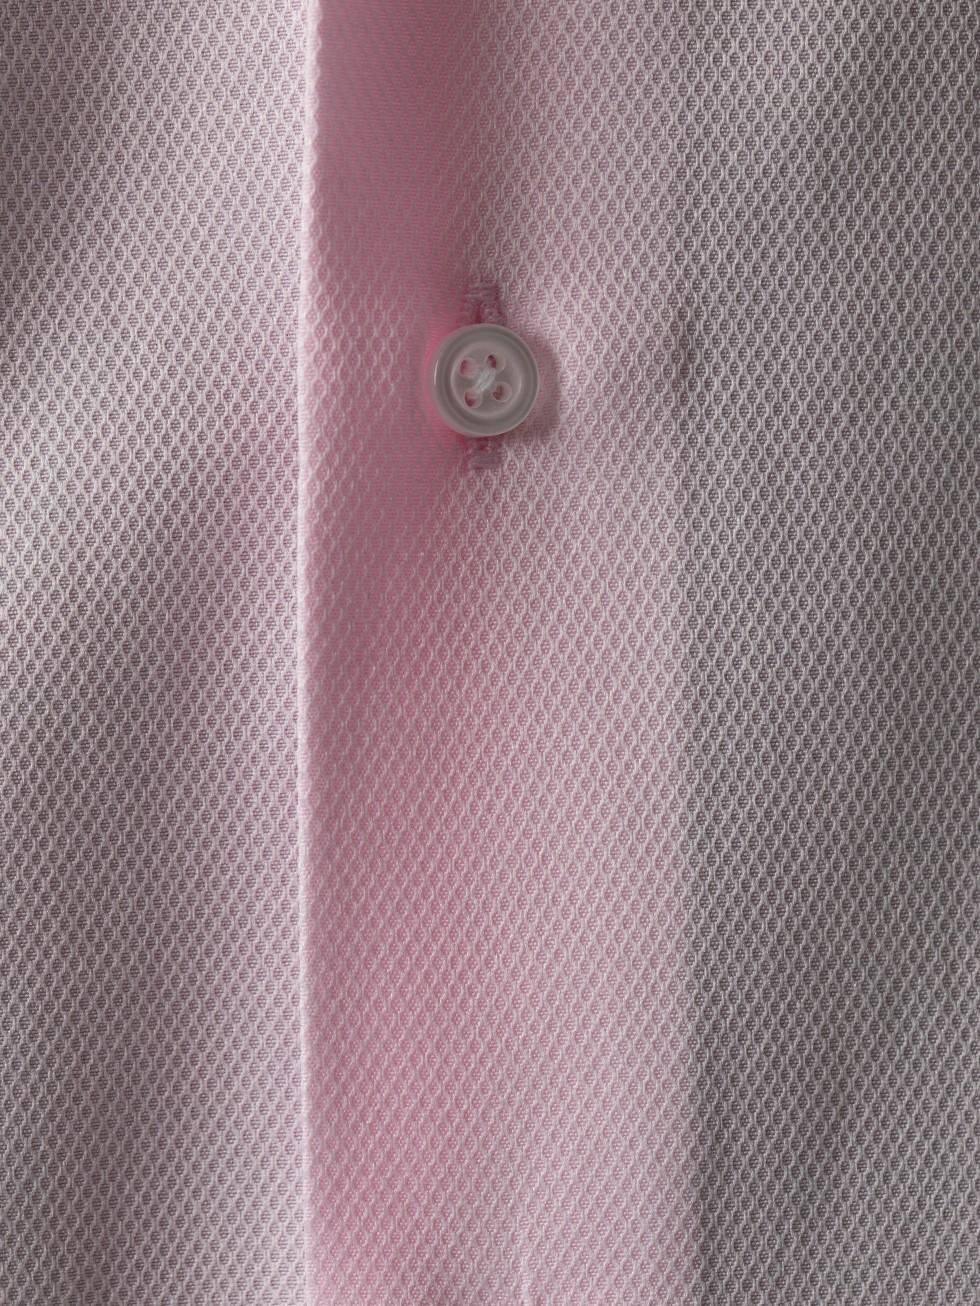 Camisa maquineta rejilla rosa